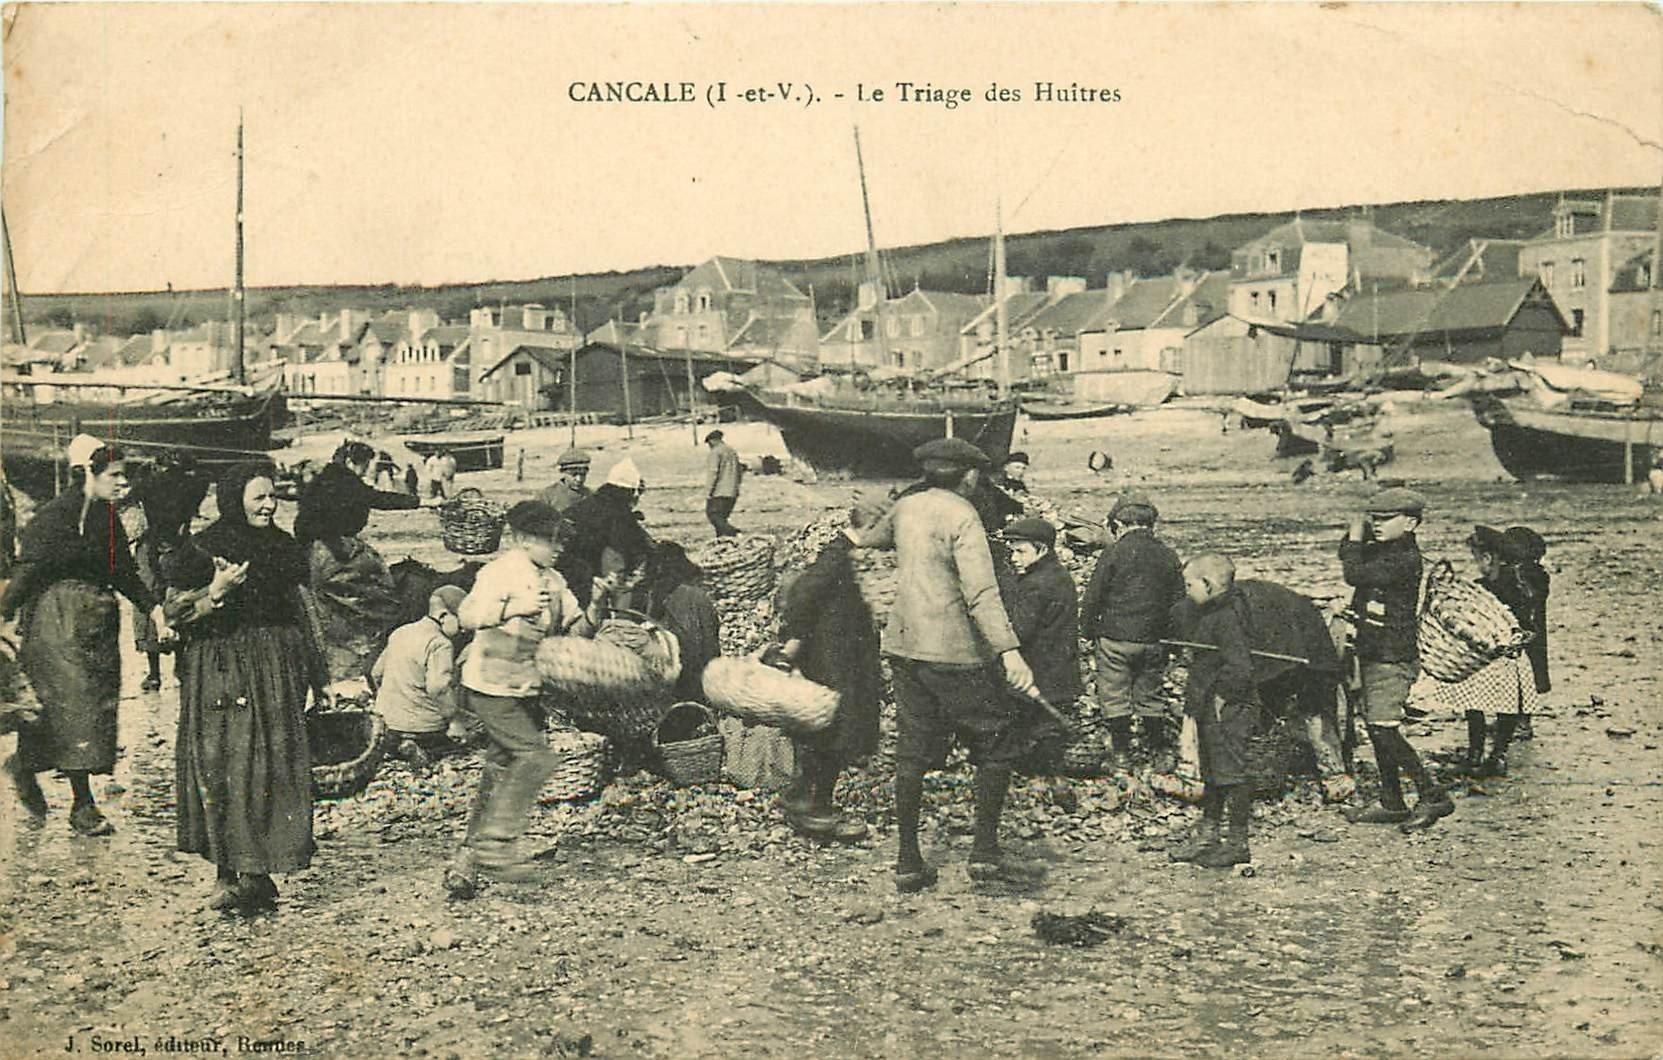 35 CANCALE. Le Triage des Huîtres. Crustacés et métiers de la Mer